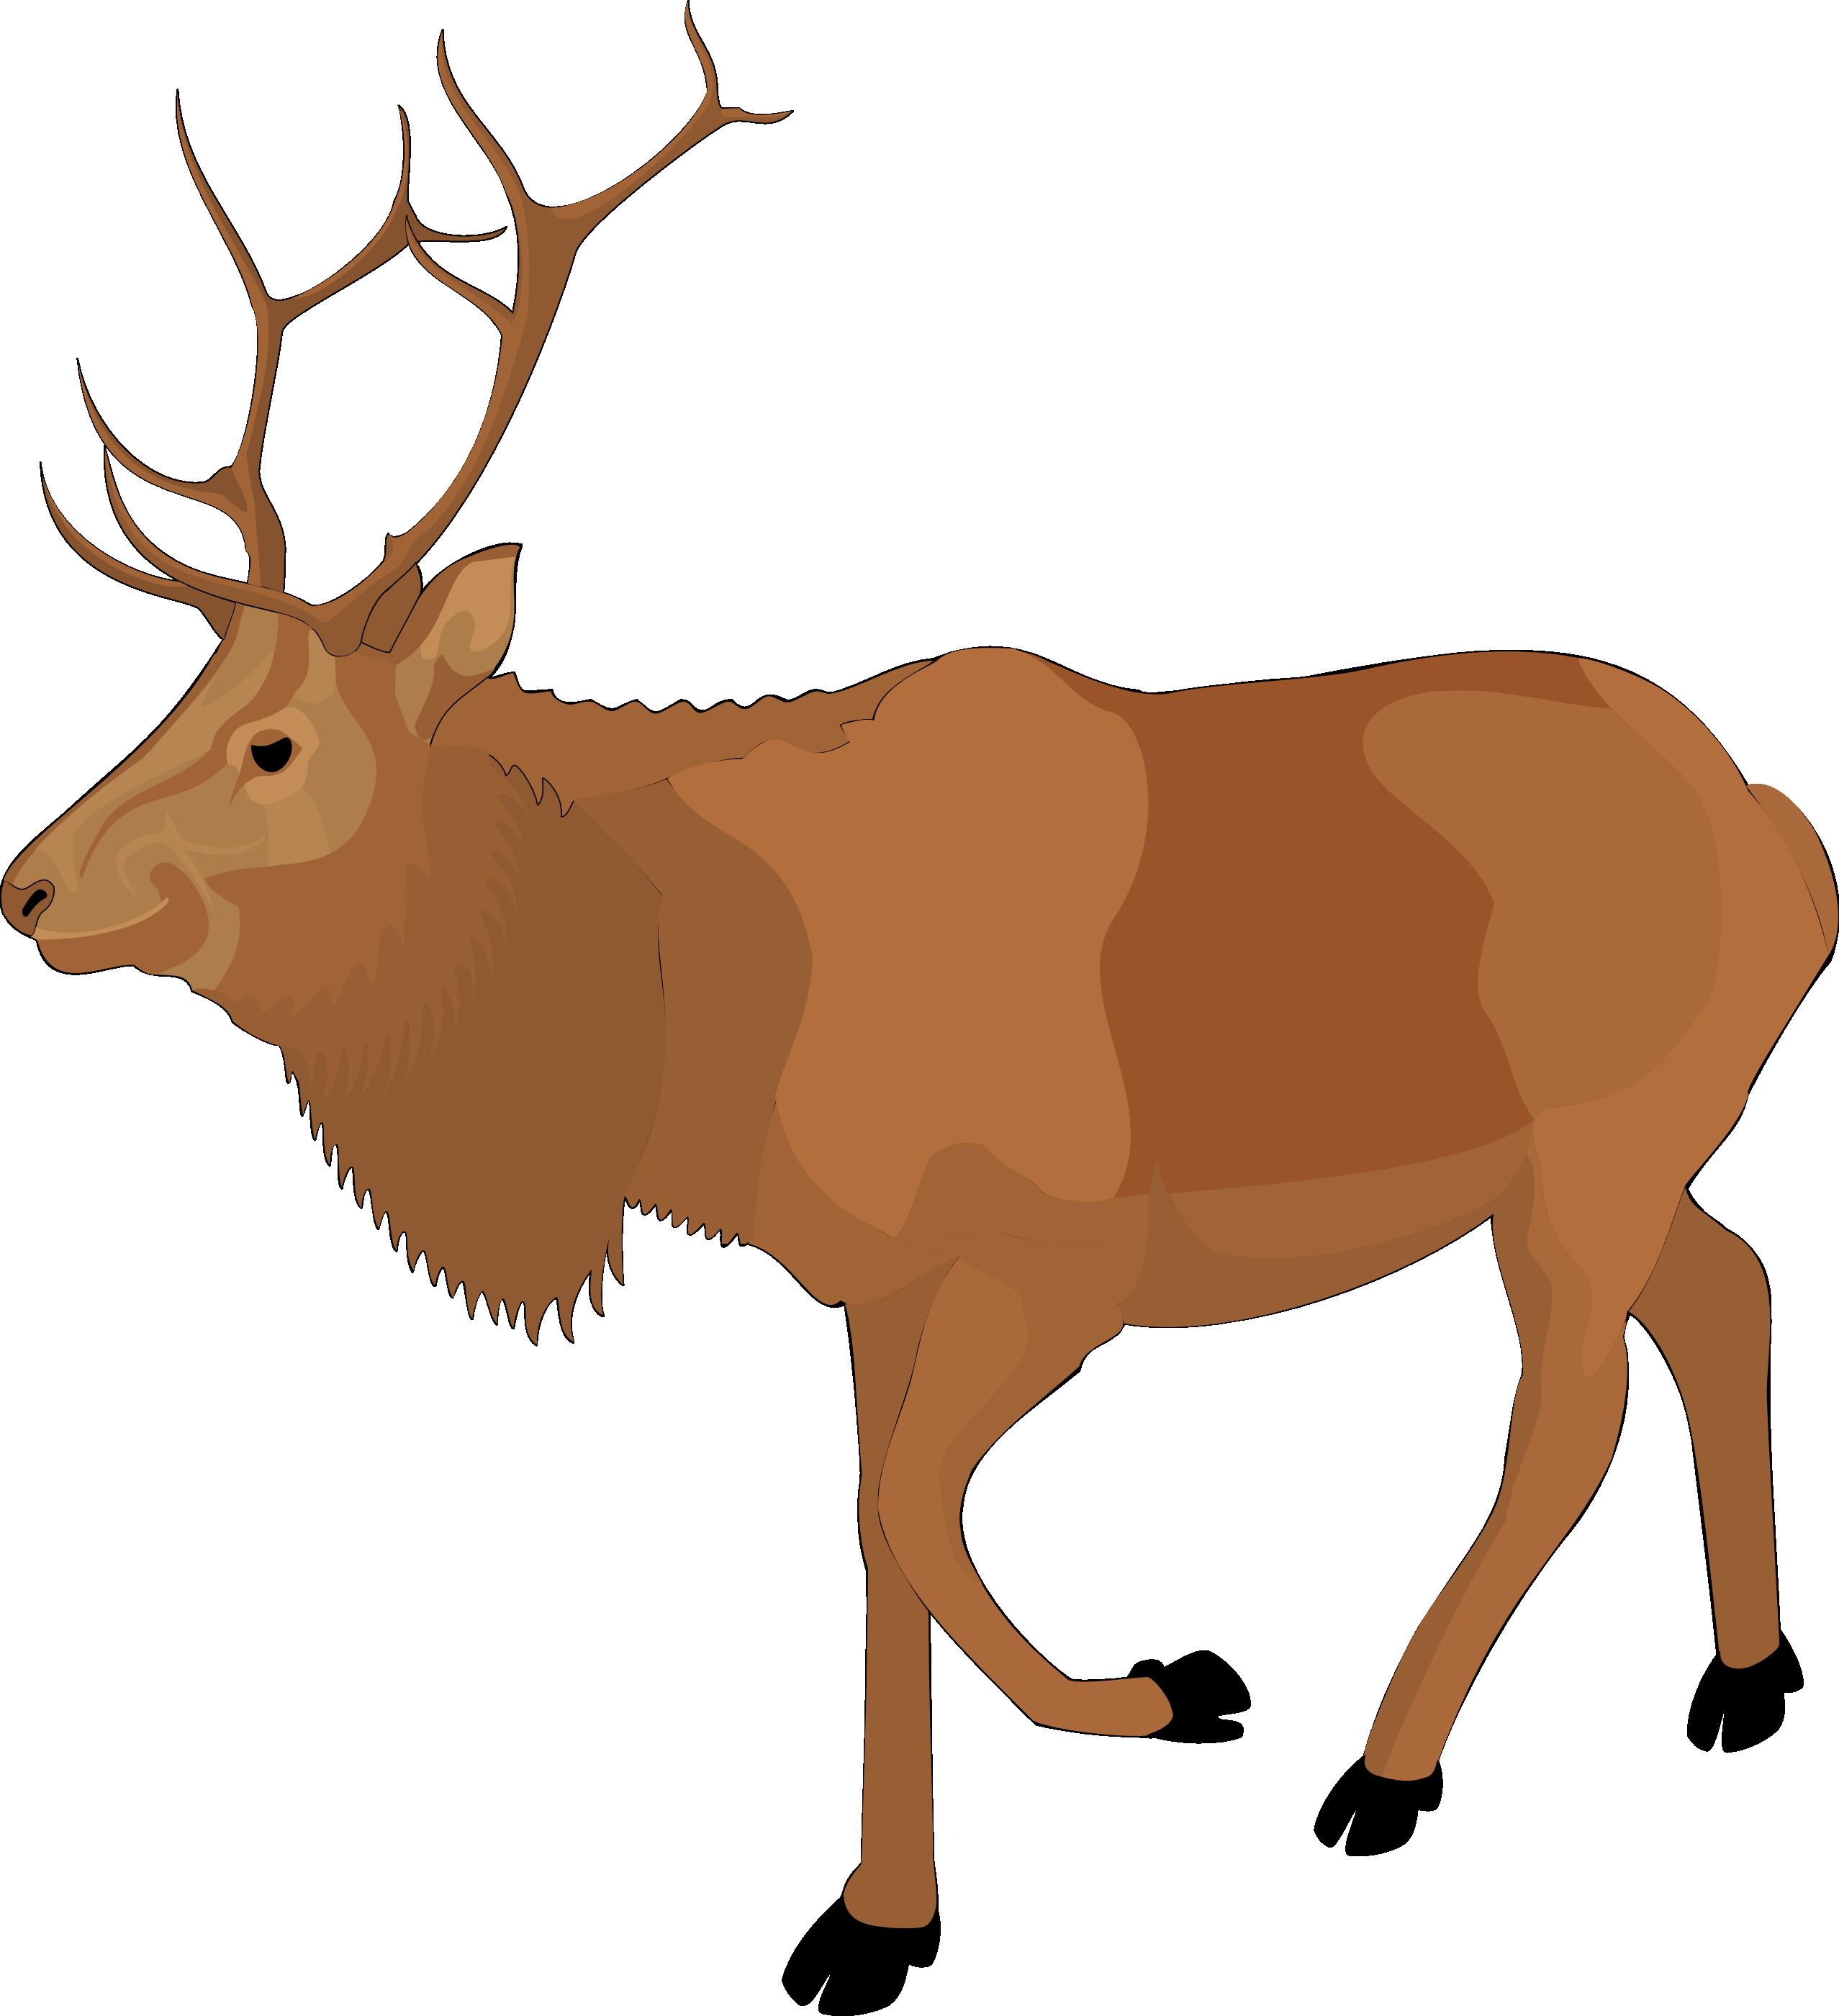 Reindeer clipart #1, Download drawings